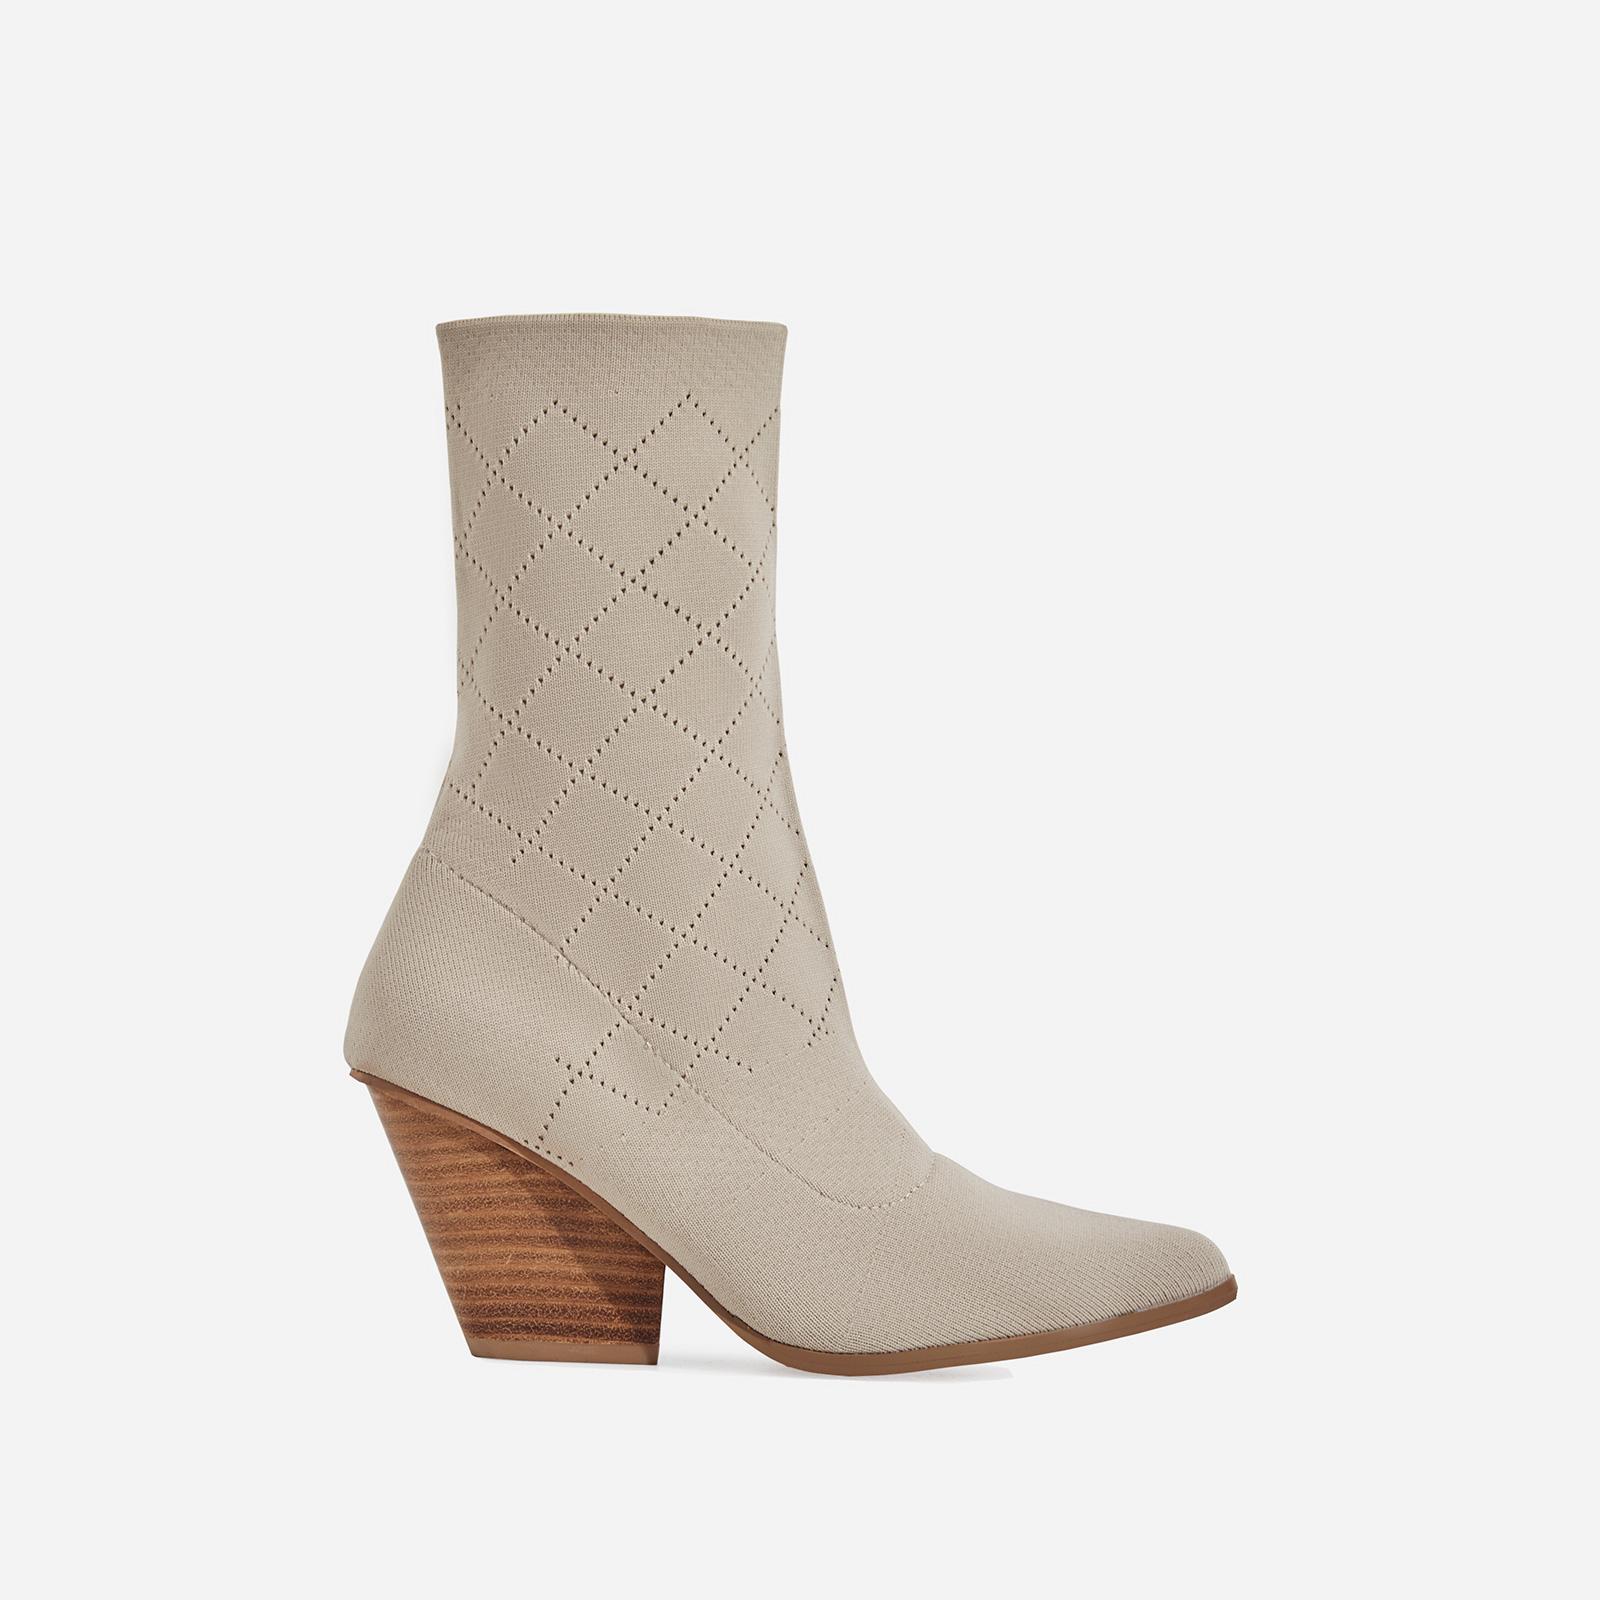 6b933d1985 Sammy Block Heel Sock Western Ankle Boot In Nude Knit